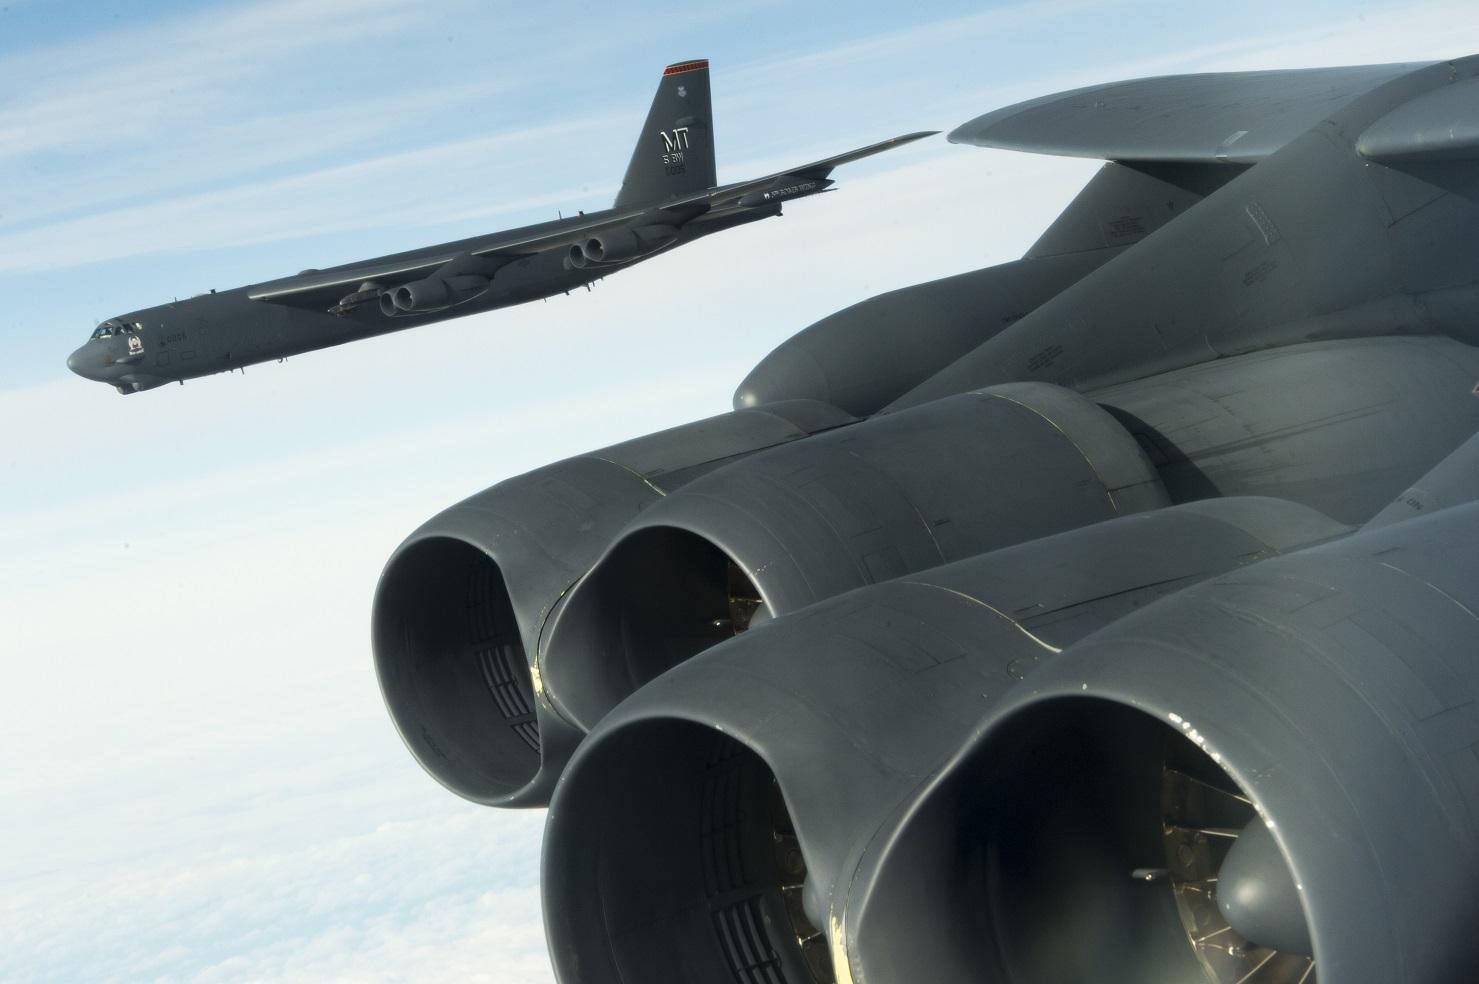 Контракт на модернизацию систем вооружения американских стратегических бомбардировщиков В-1В и В-52Н